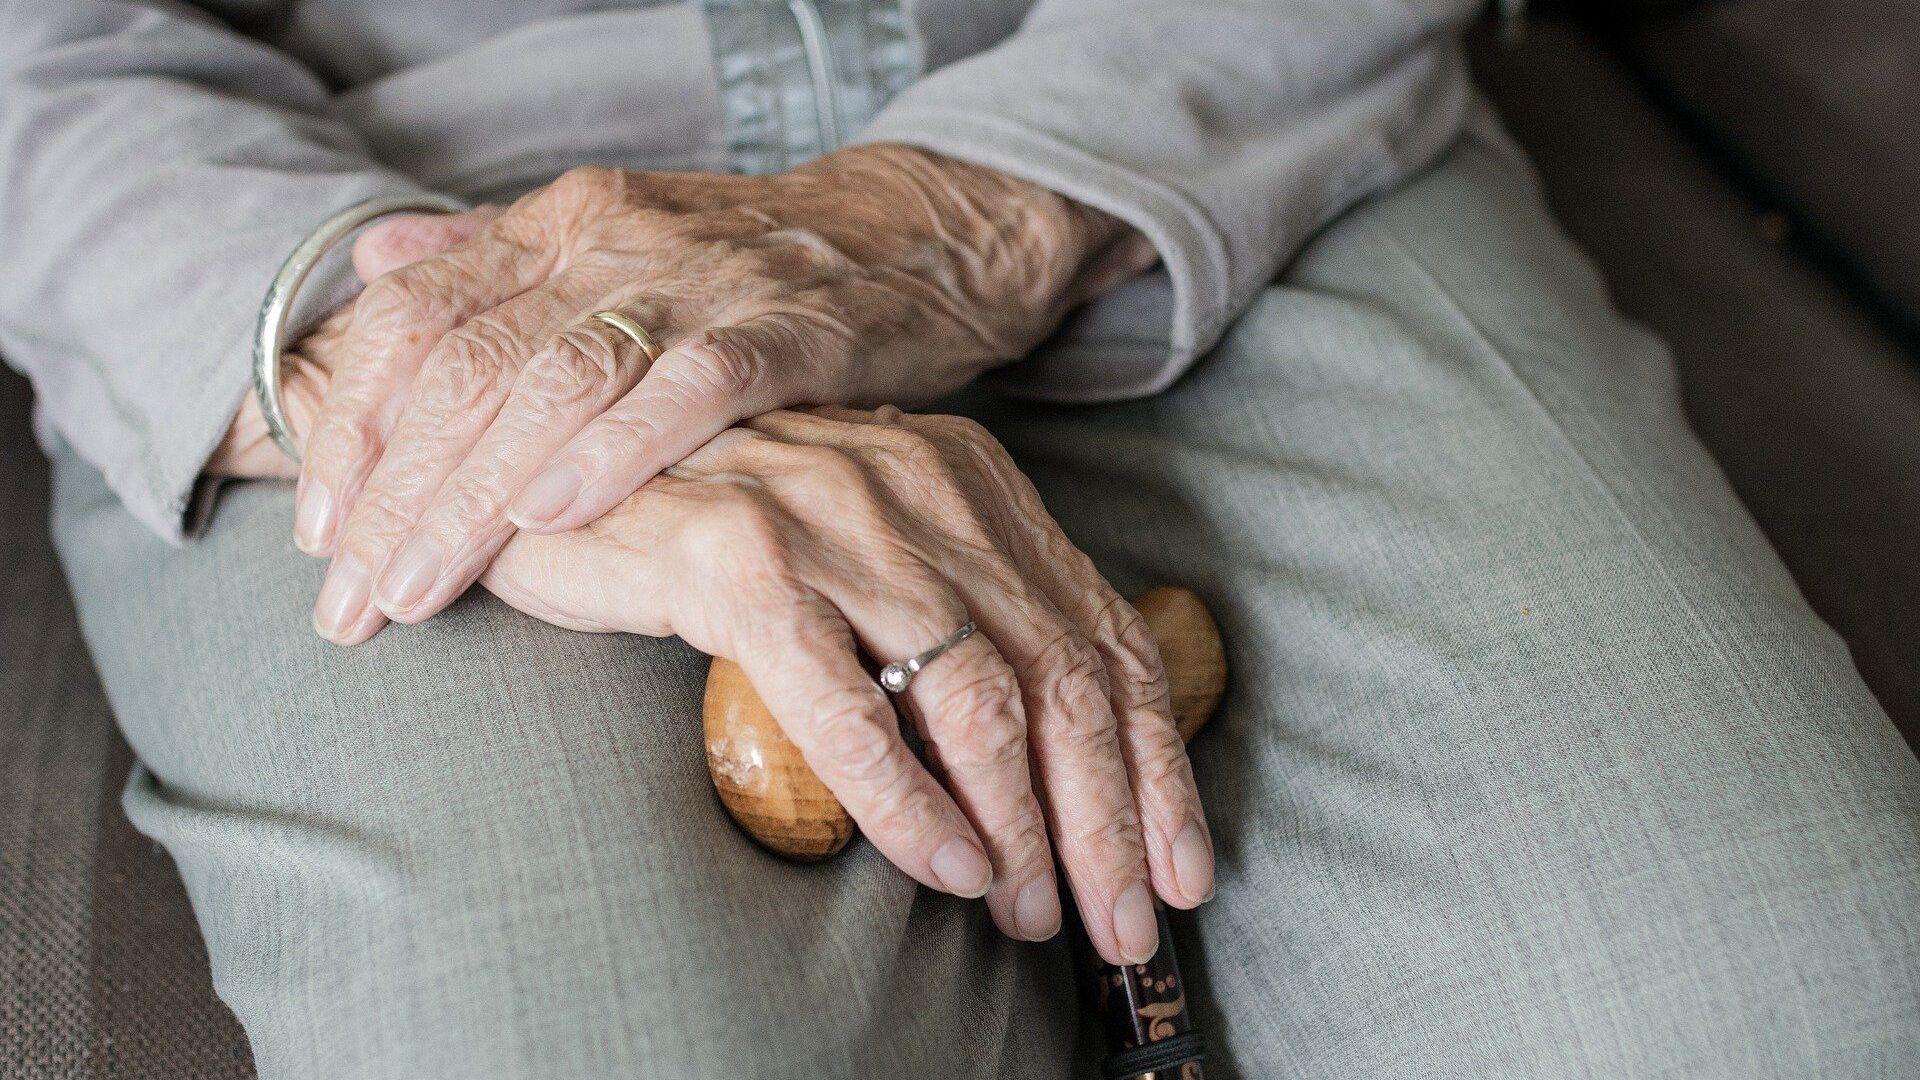 Abuela con bastón (Imagen referencial) - Sputnik Mundo, 1920, 07.06.2021